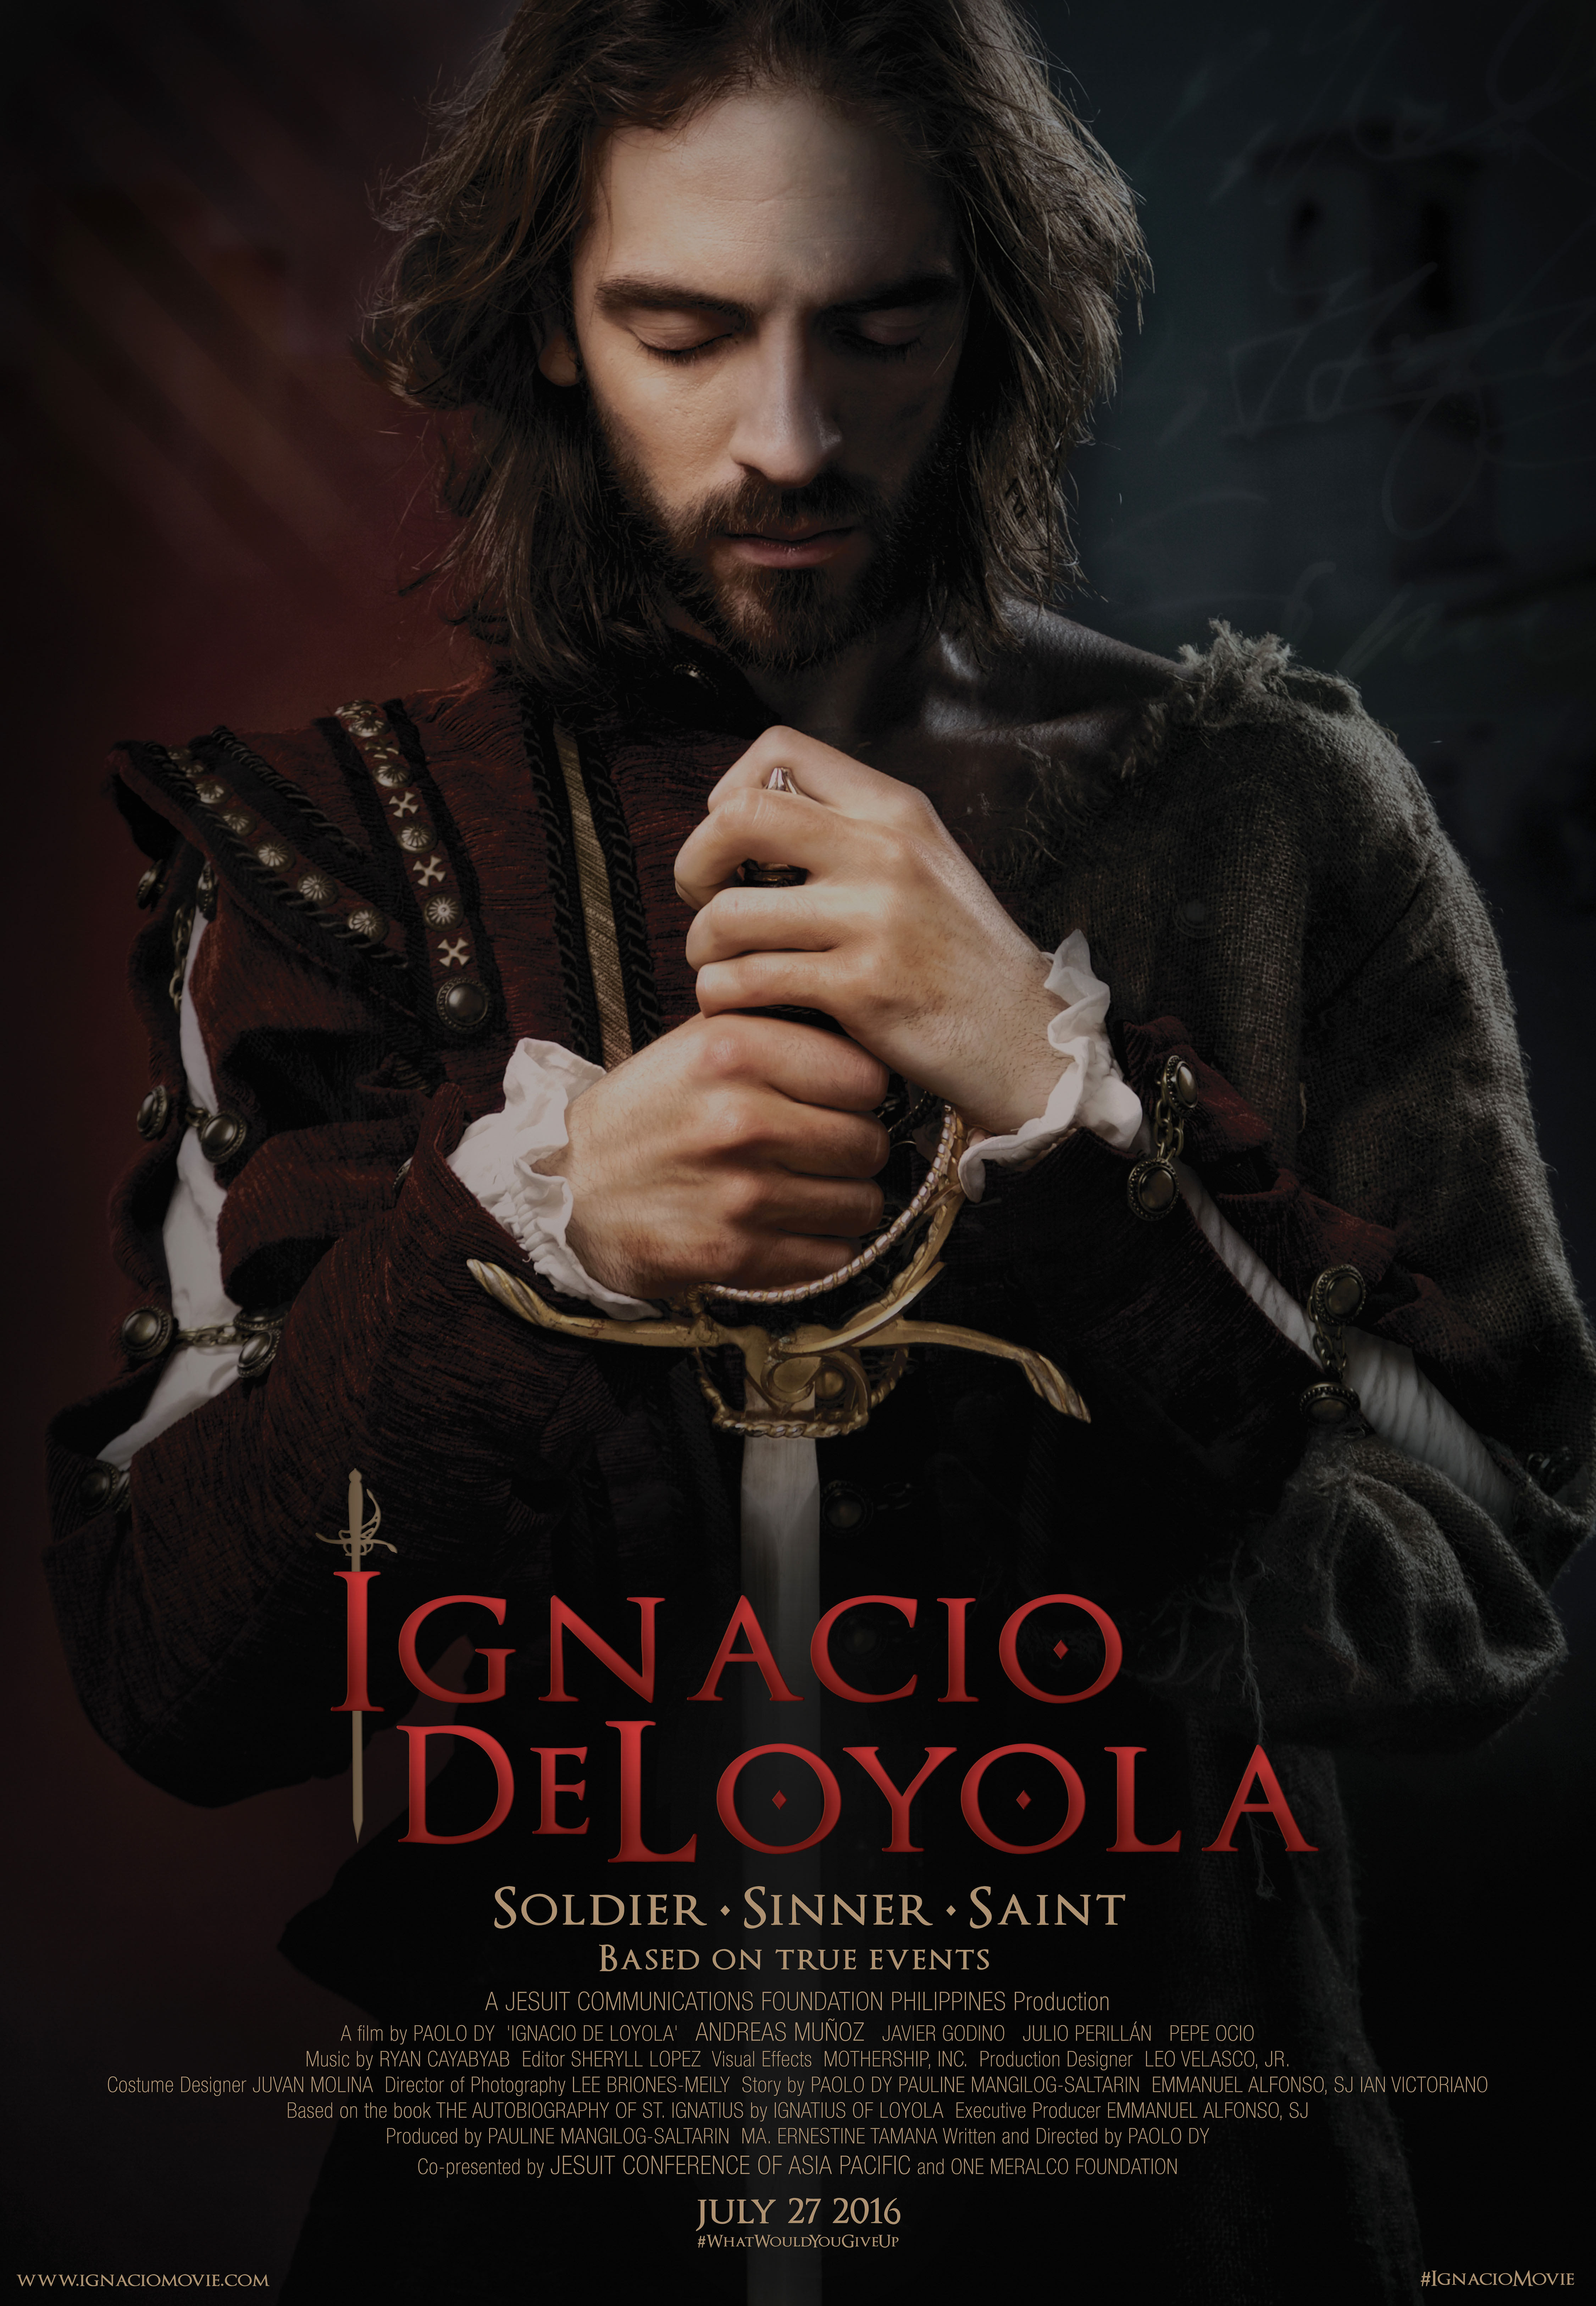 IGNACAS LOJOLA (2016) / IGNATIUS OF LOYOLA